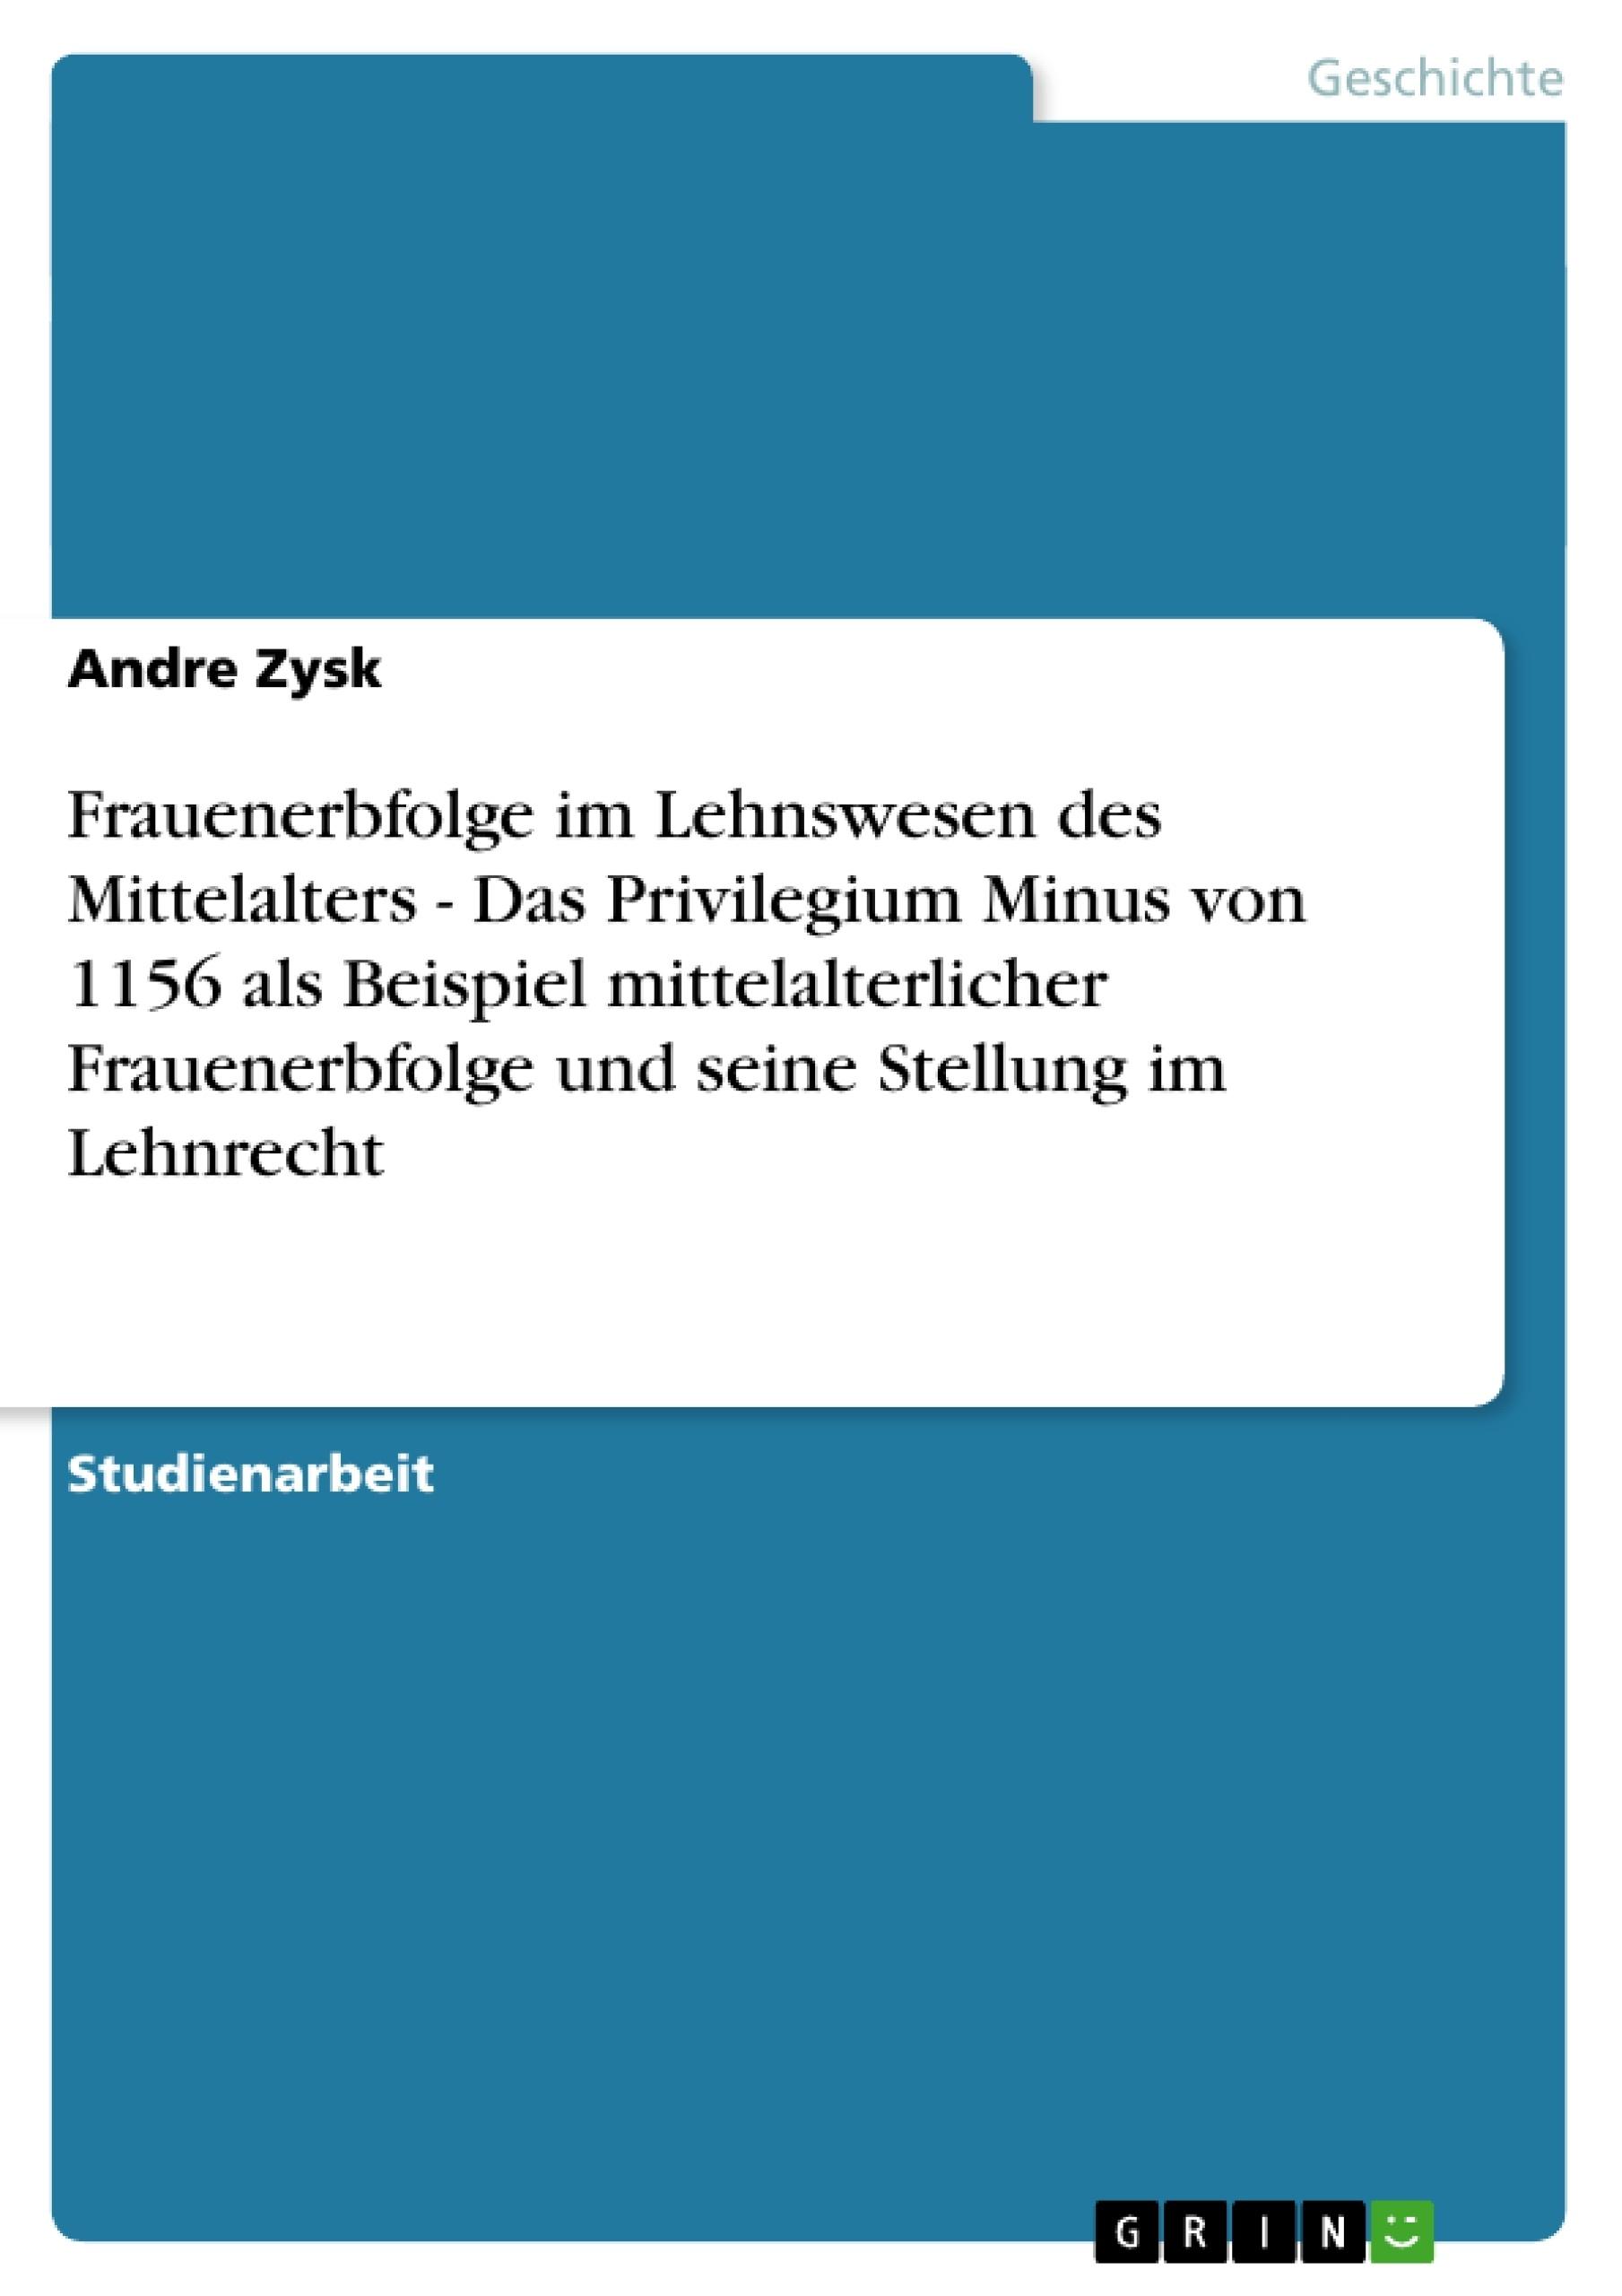 Titel: Frauenerbfolge im Lehnswesen des Mittelalters - Das Privilegium Minus von 1156 als Beispiel mittelalterlicher Frauenerbfolge und seine Stellung im Lehnrecht